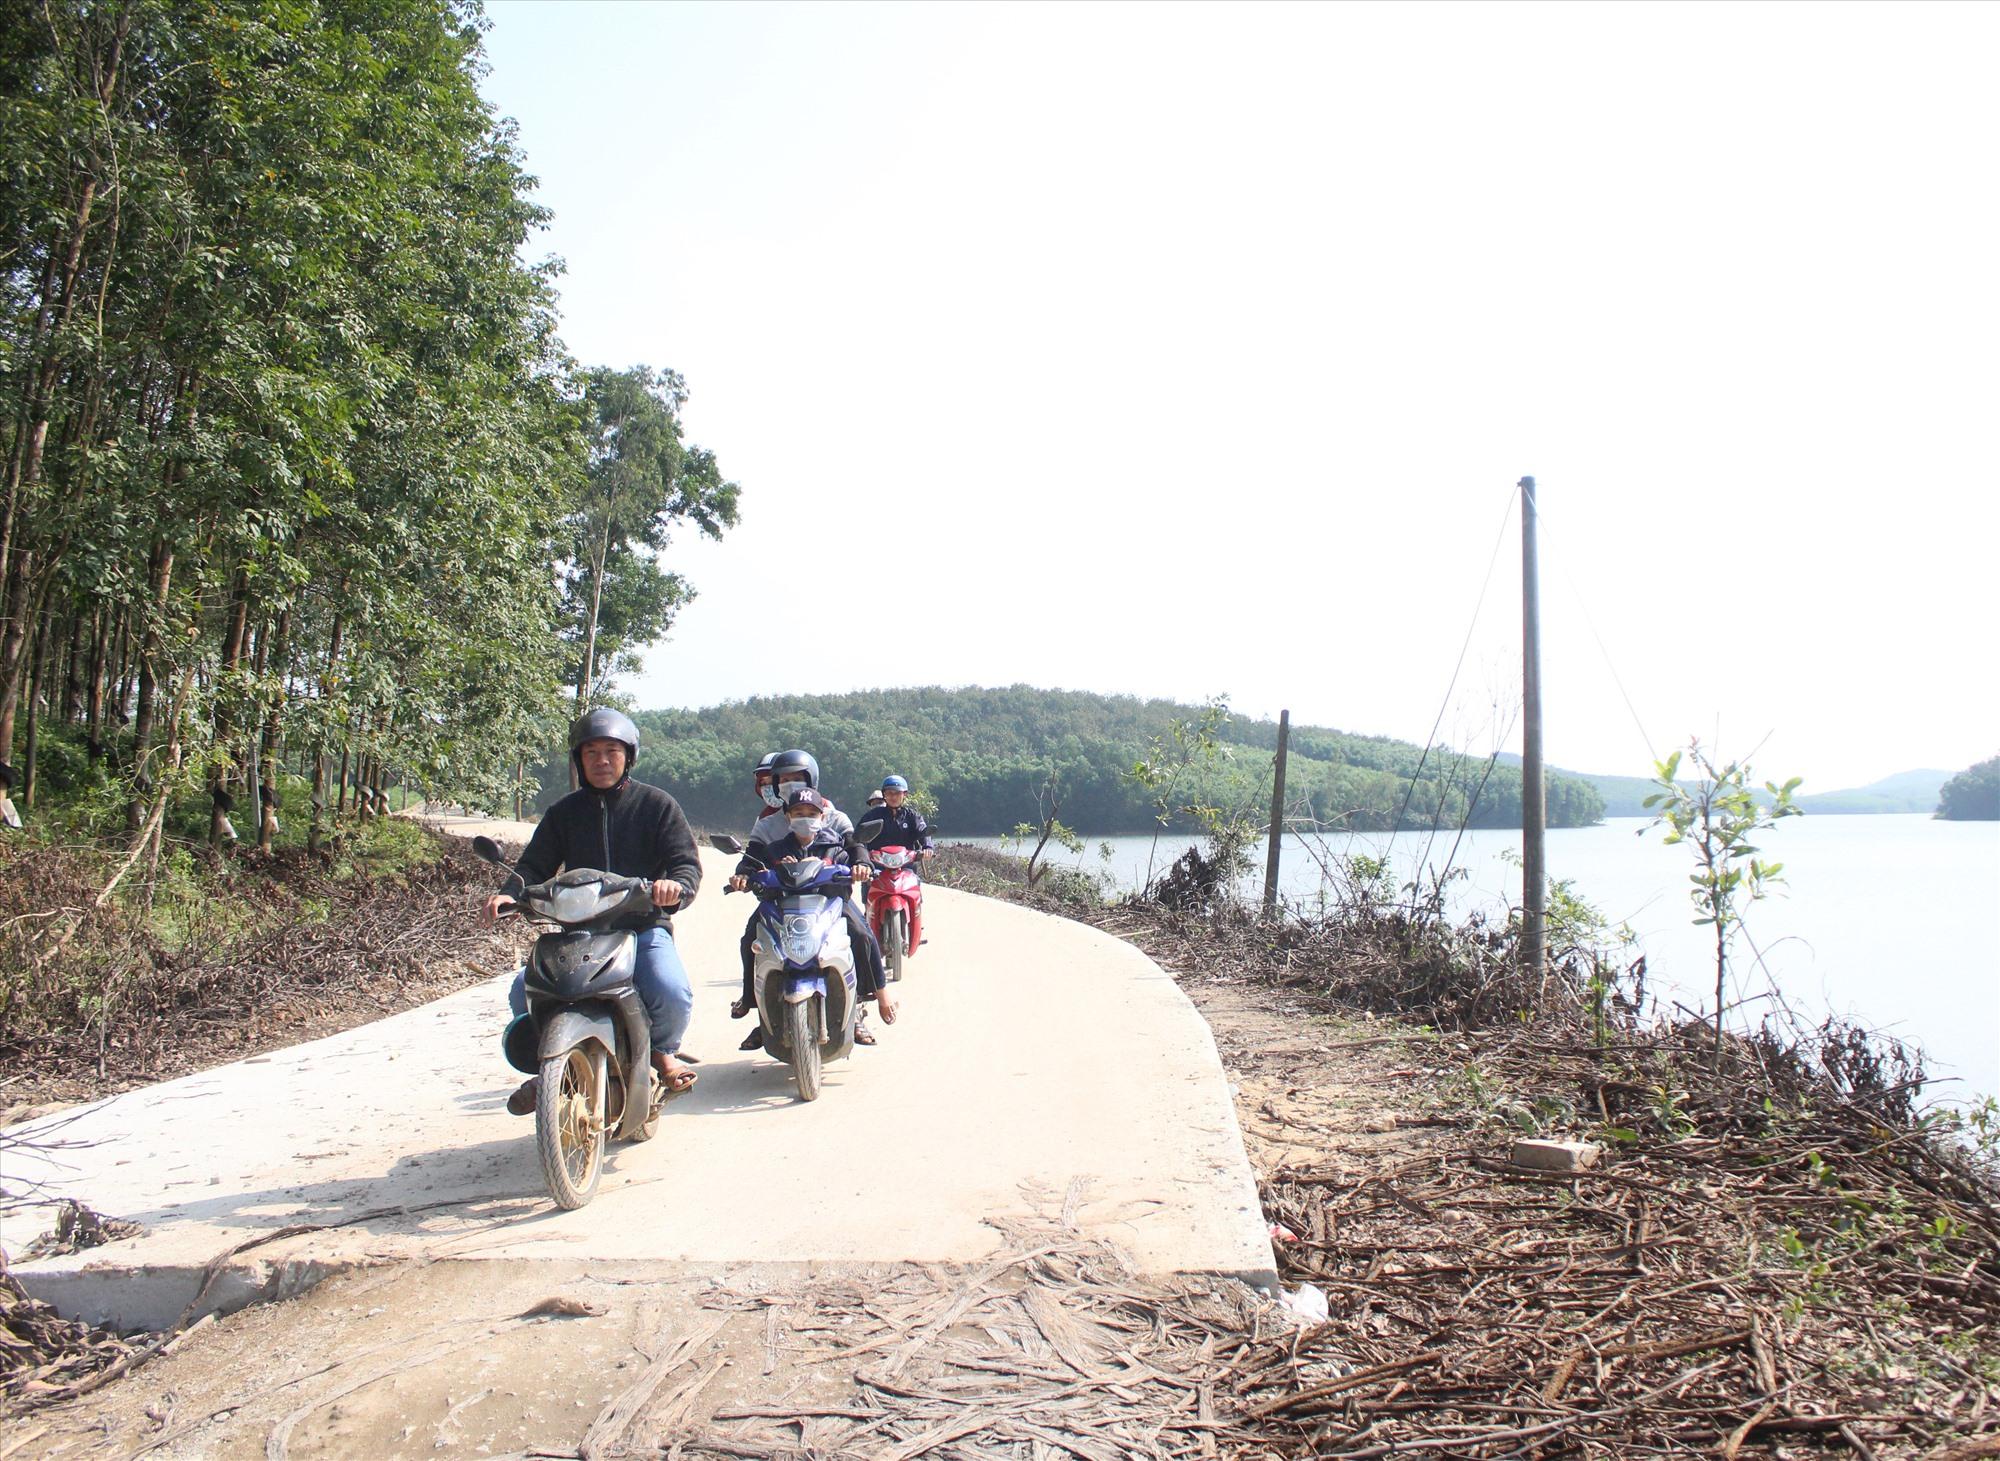 Khu vực rừng phòng hộ Phú Ninh được các bên liên quan phối hợp triển khai các biện pháp bảo vệ. Ảnh: VĂN PHIN